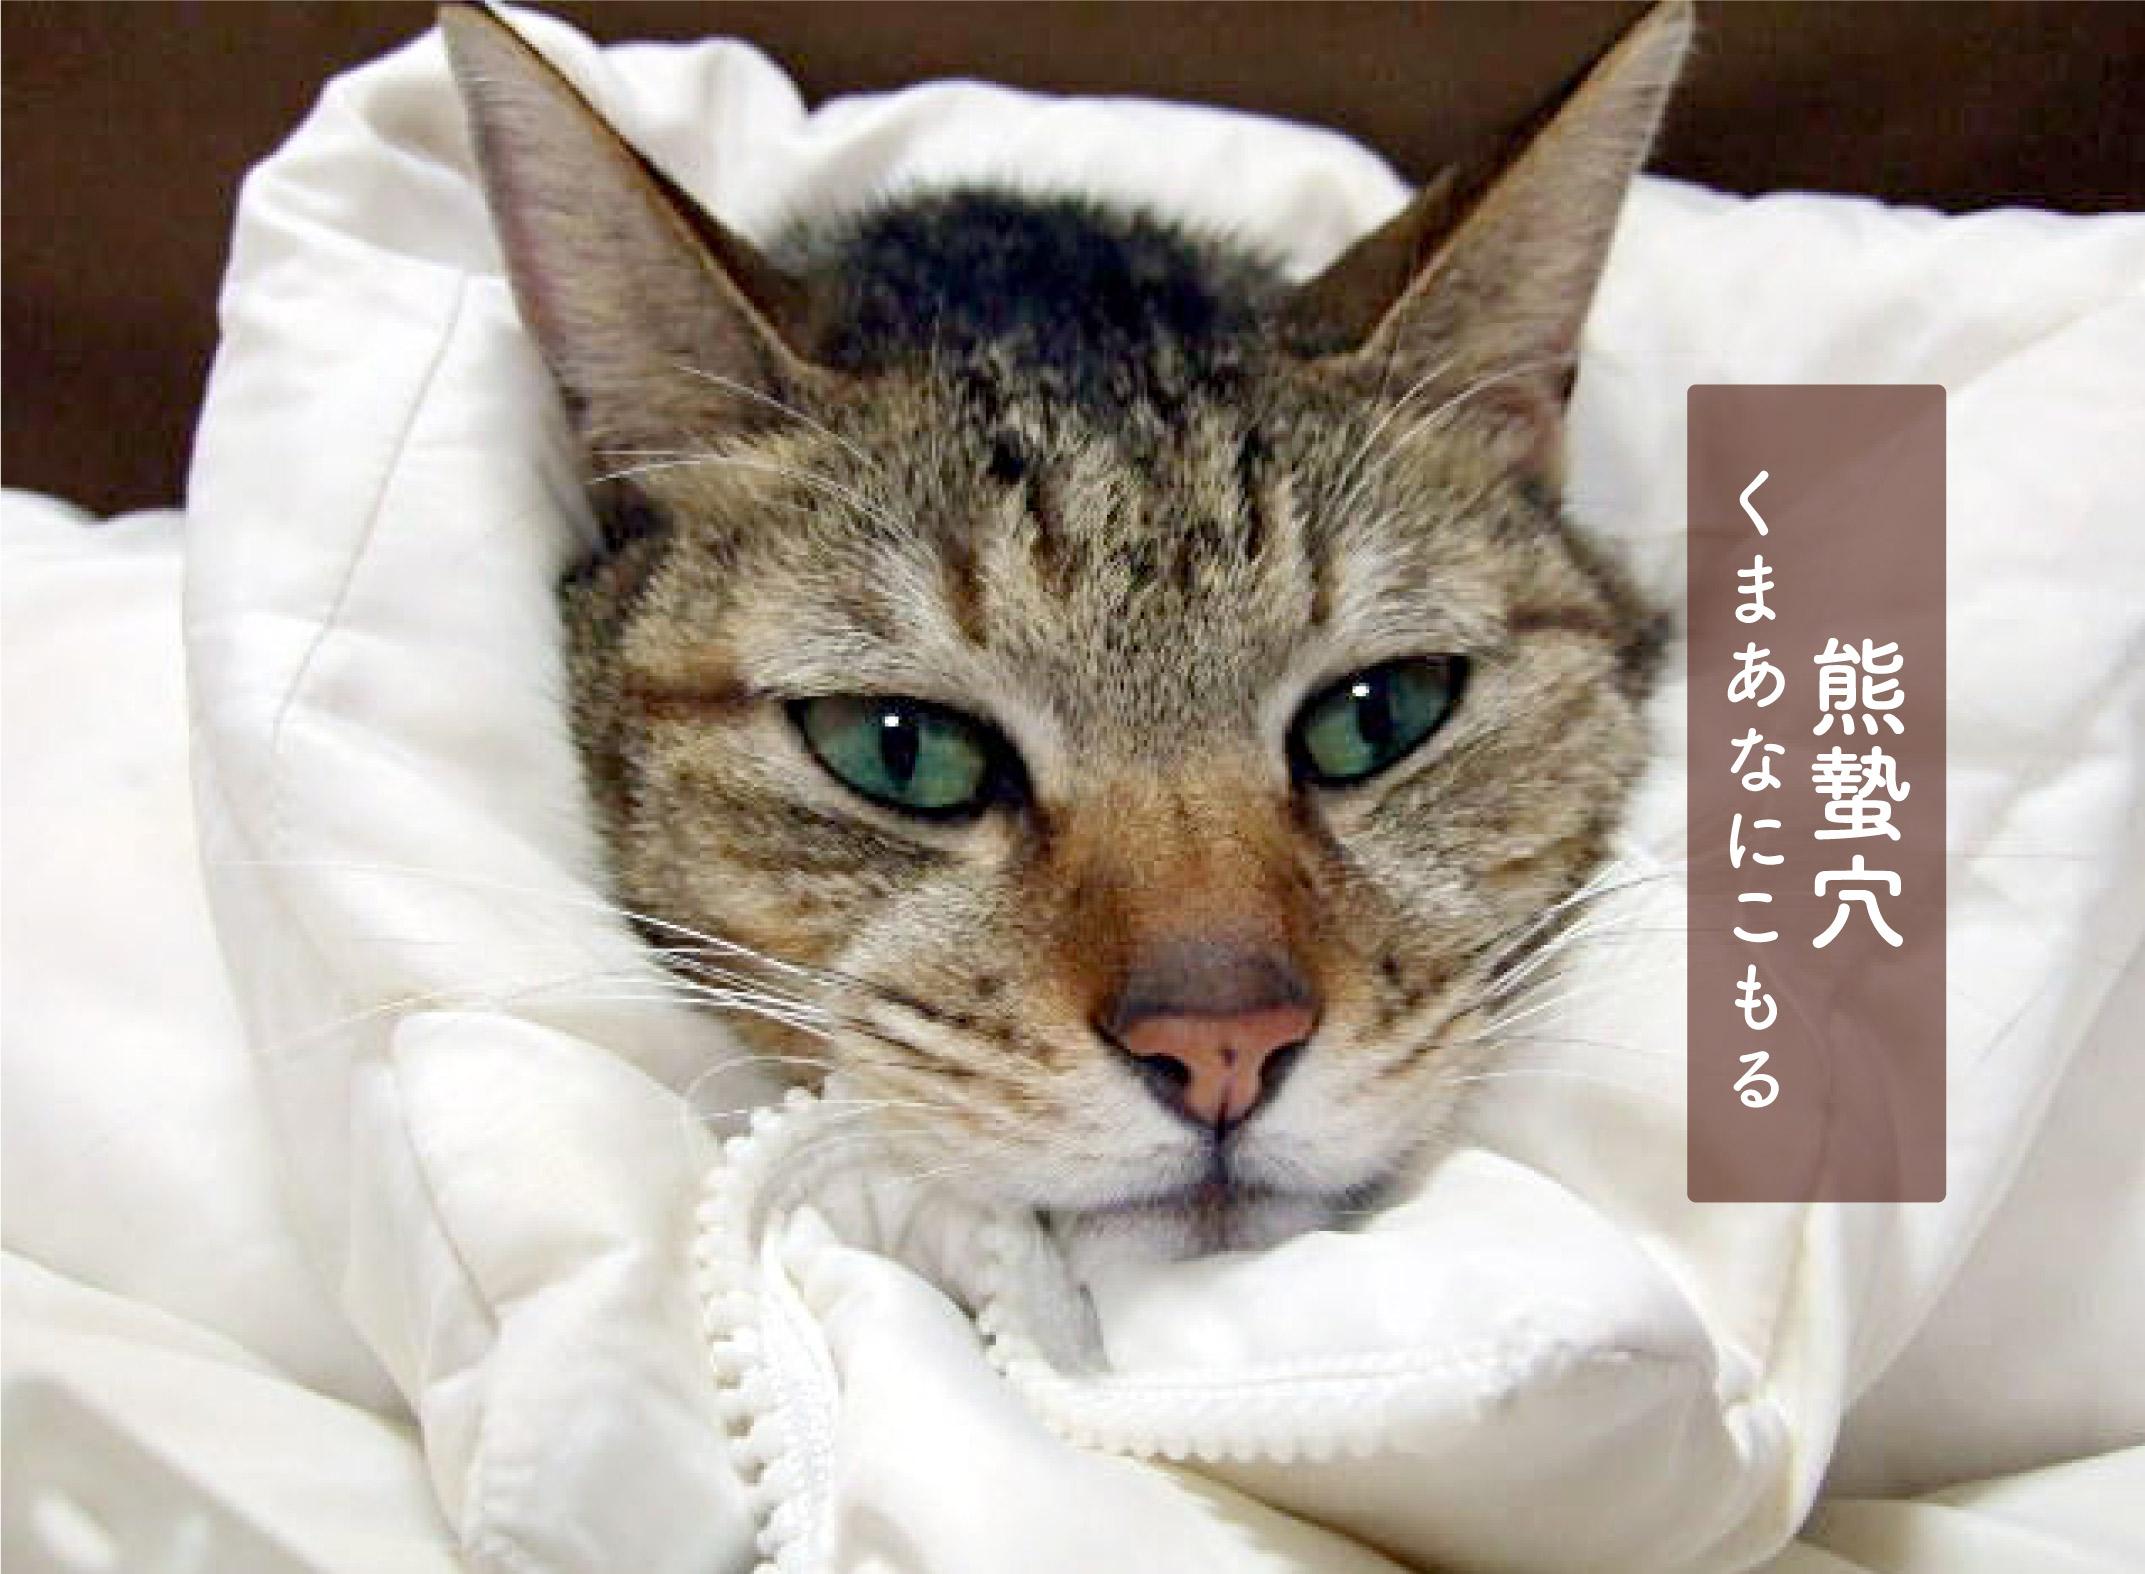 ダウンジャケットにくるまる猫